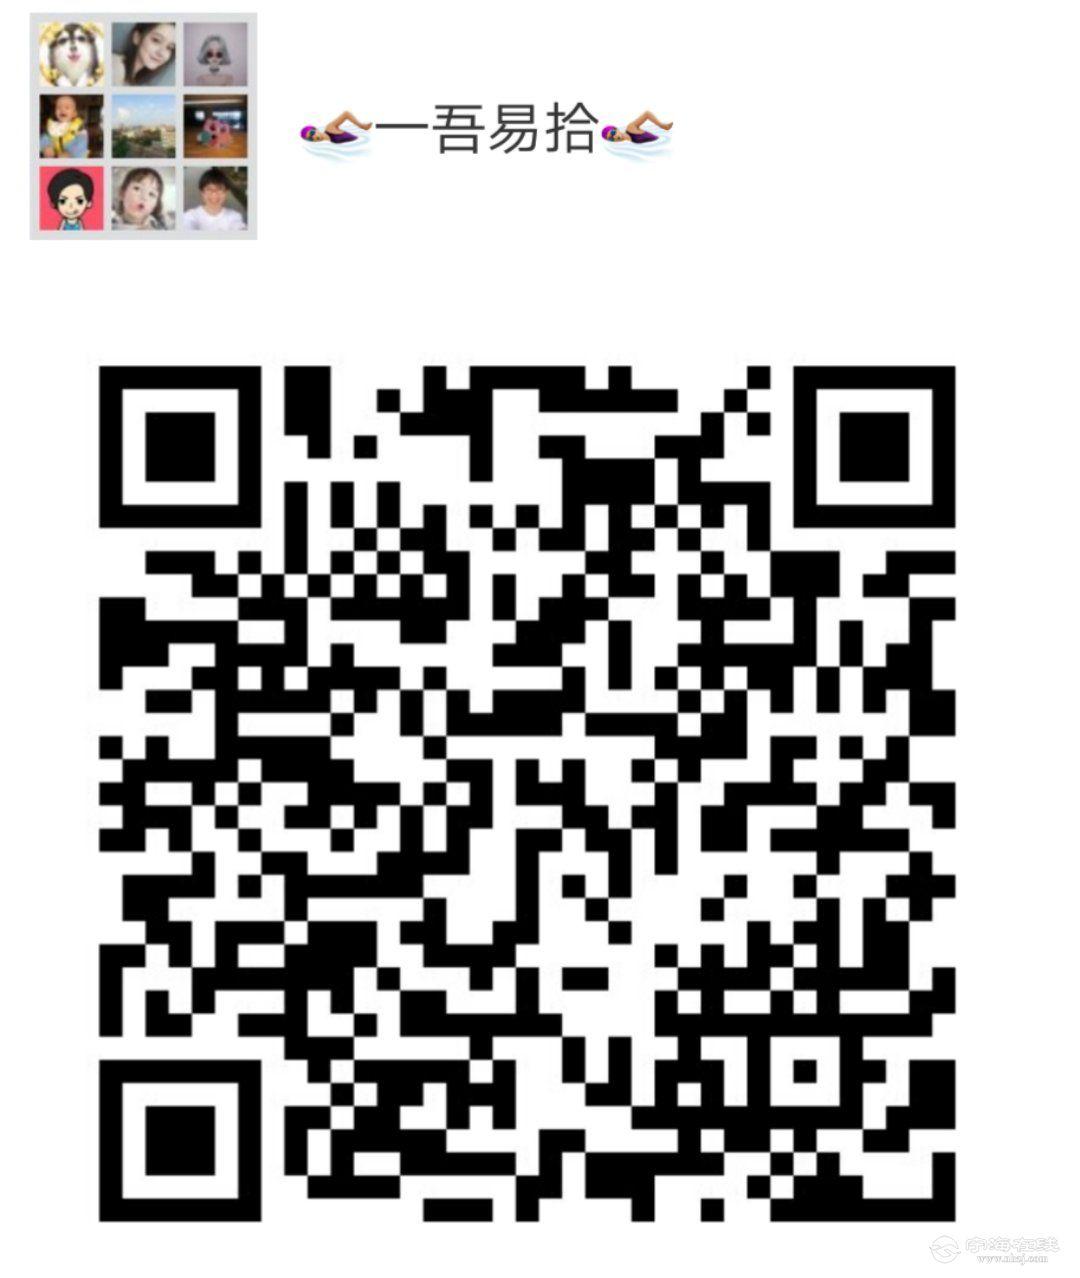 微信图片_20180321092519.jpg